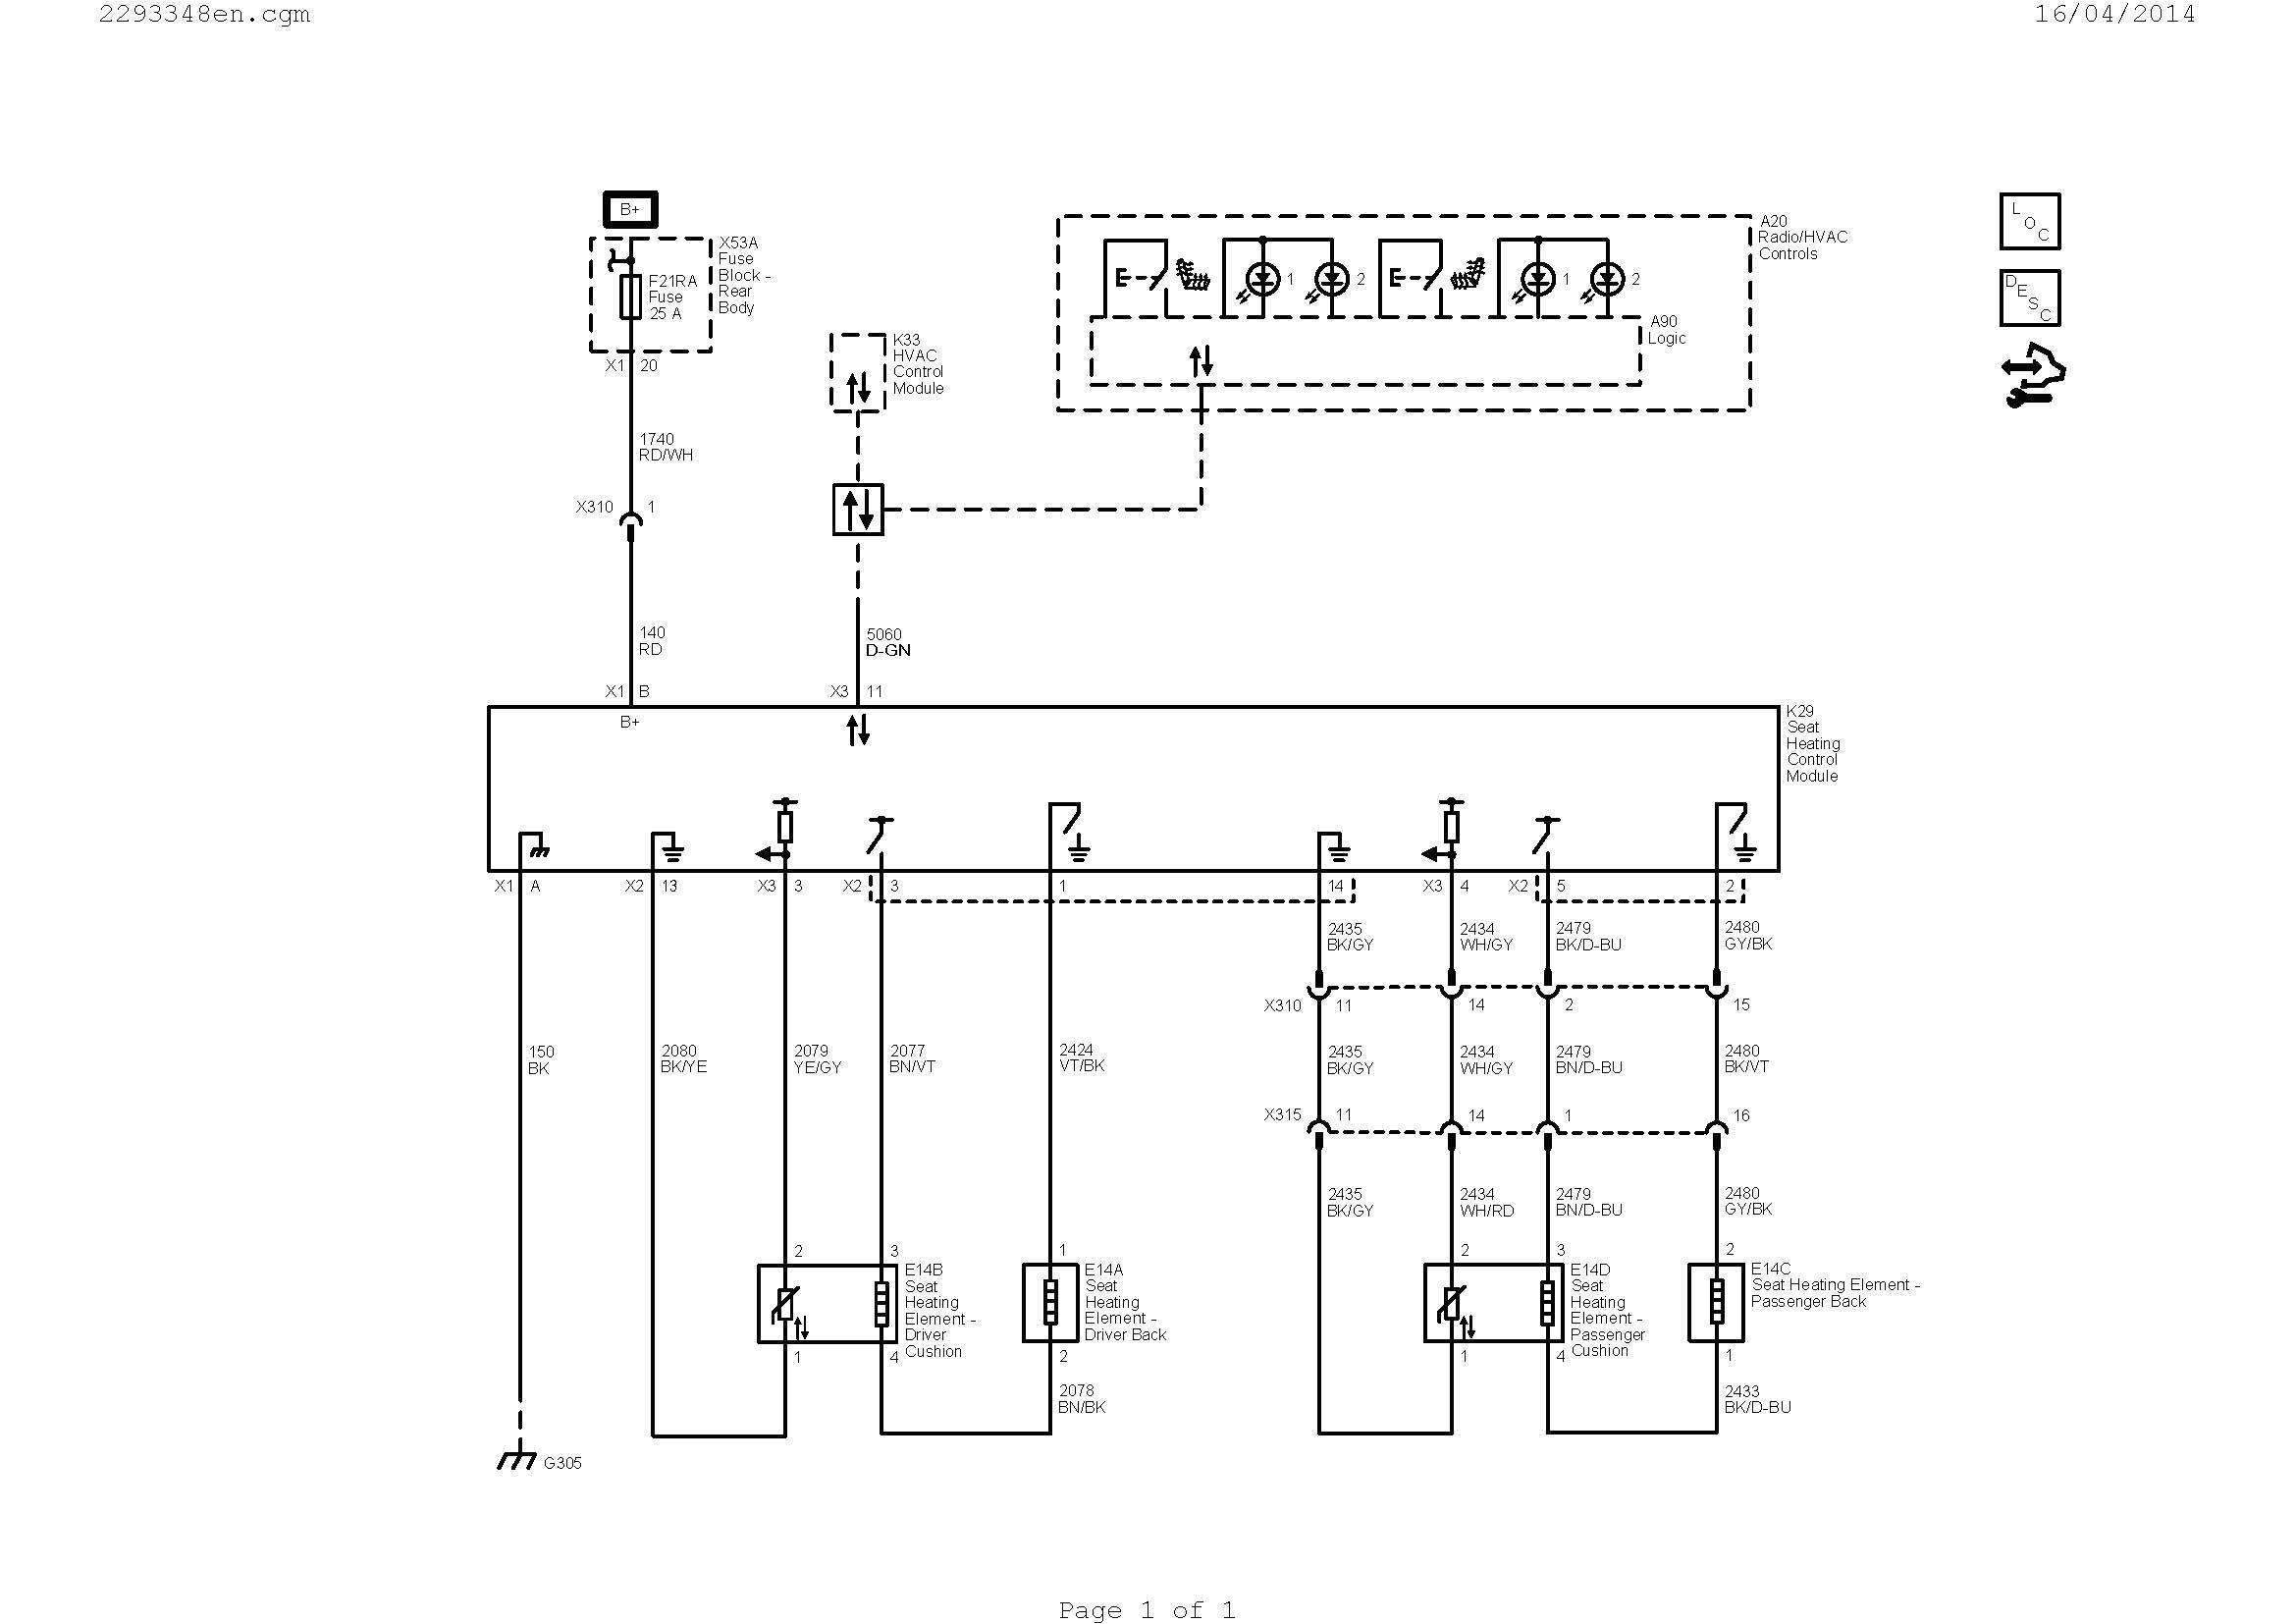 trailer kes wiring diagram use wiring diagram wiring diagram for electric kes wiring circuit diagrams